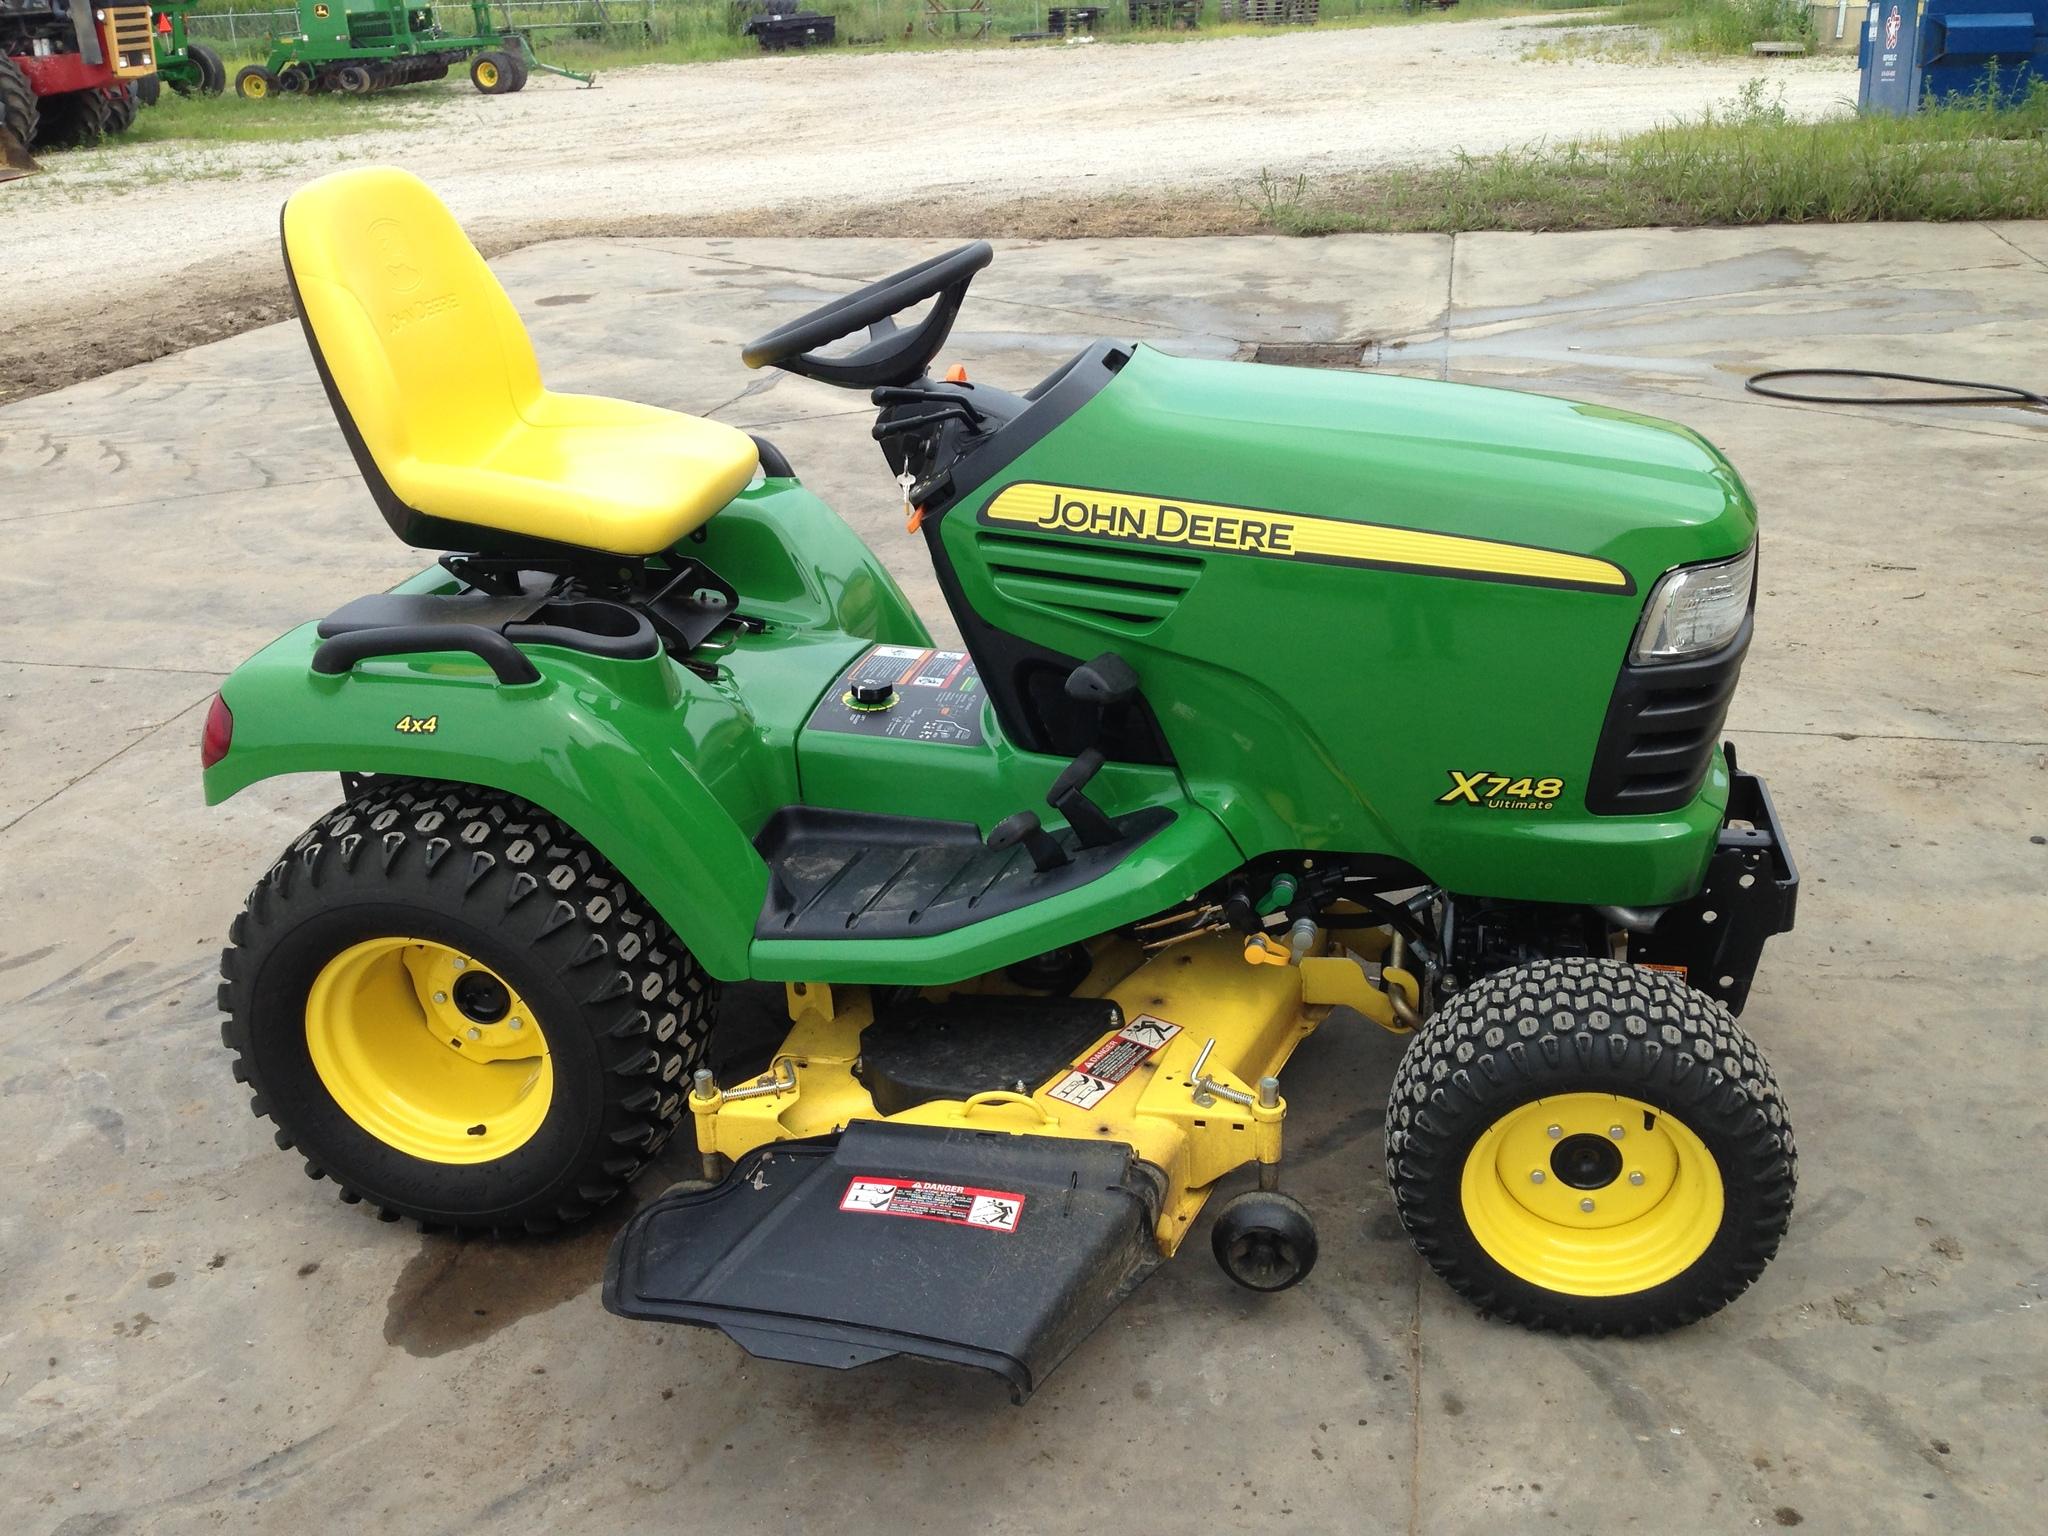 John deere x748 lawn garden tractors for sale 49488 - Used garden tractors for sale by owner ...